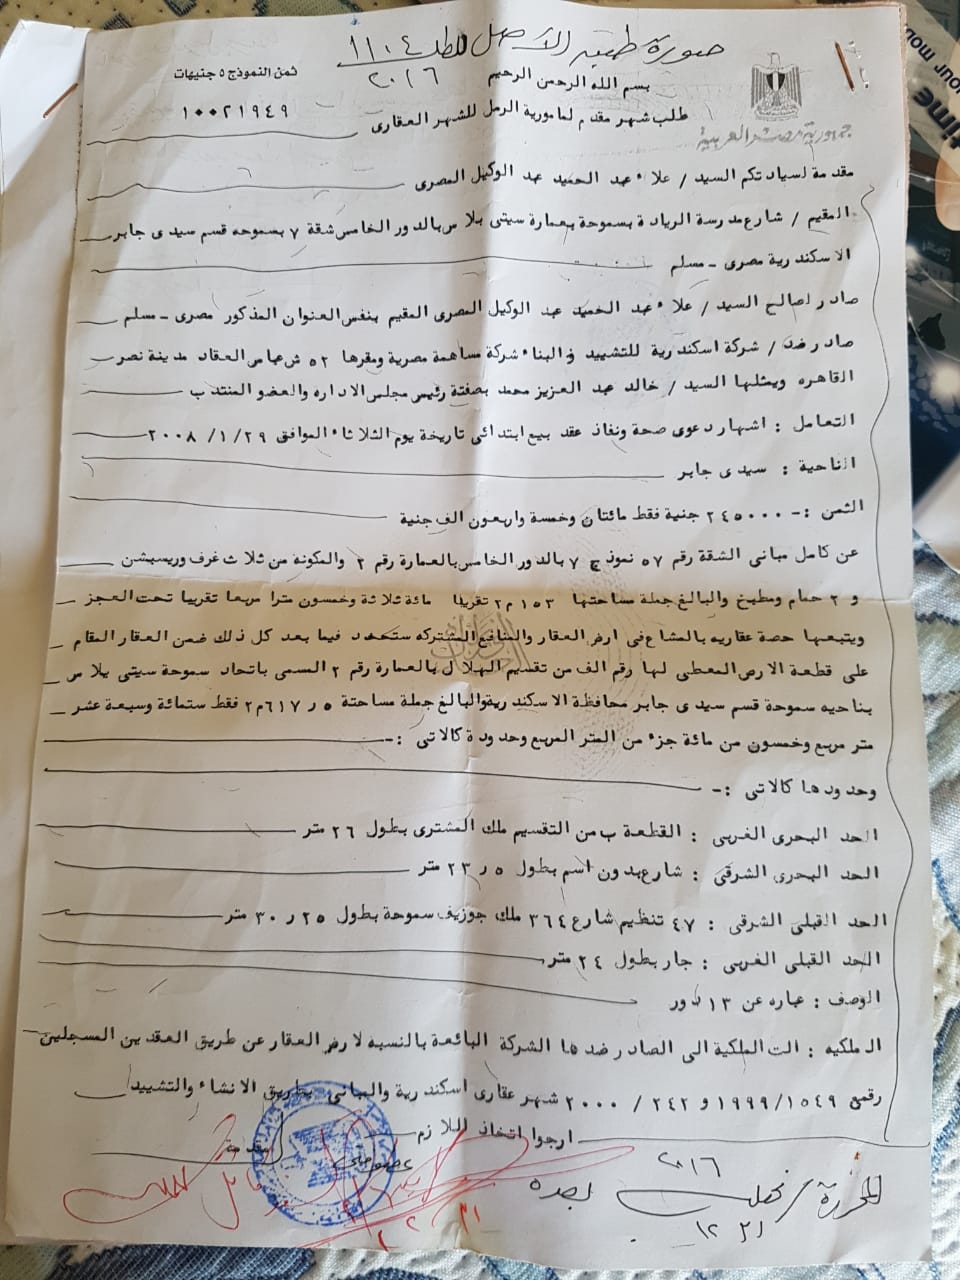 أزمة مشروع سيتي بالاس بالإسكندرية (6)